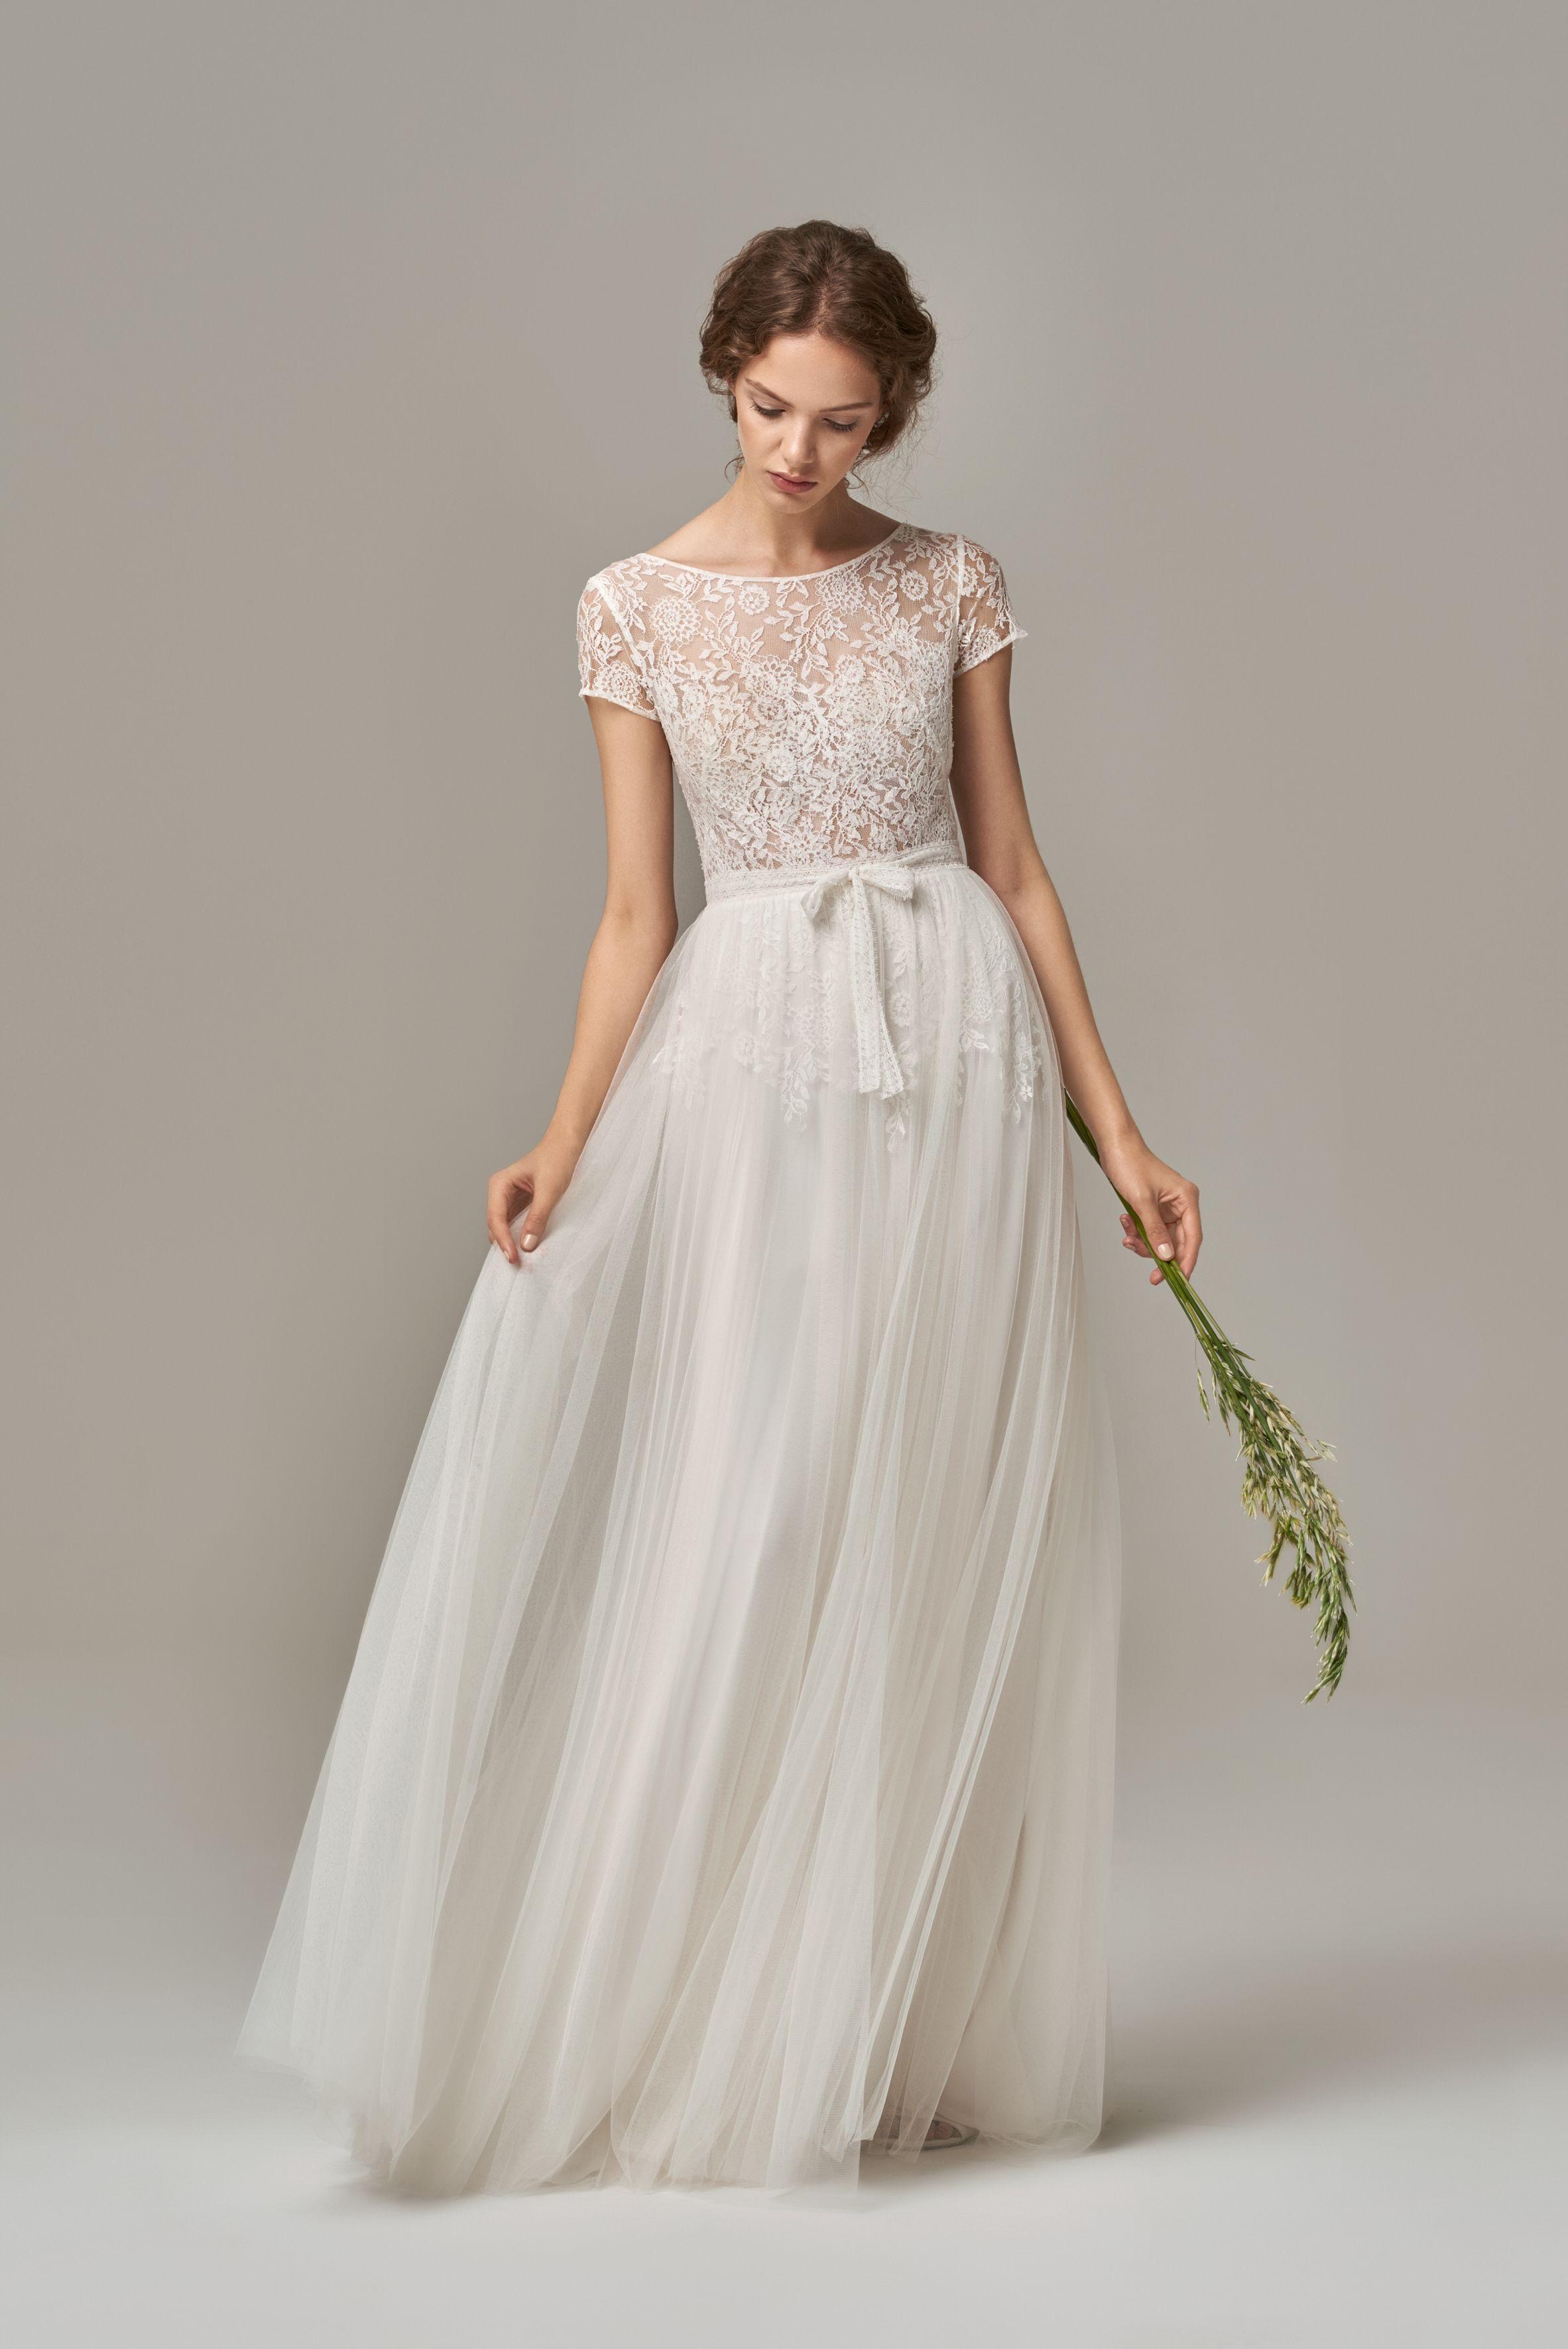 BEATA Größe 13  Kleider hochzeit, Braut, Hochzeit kleid standesamt